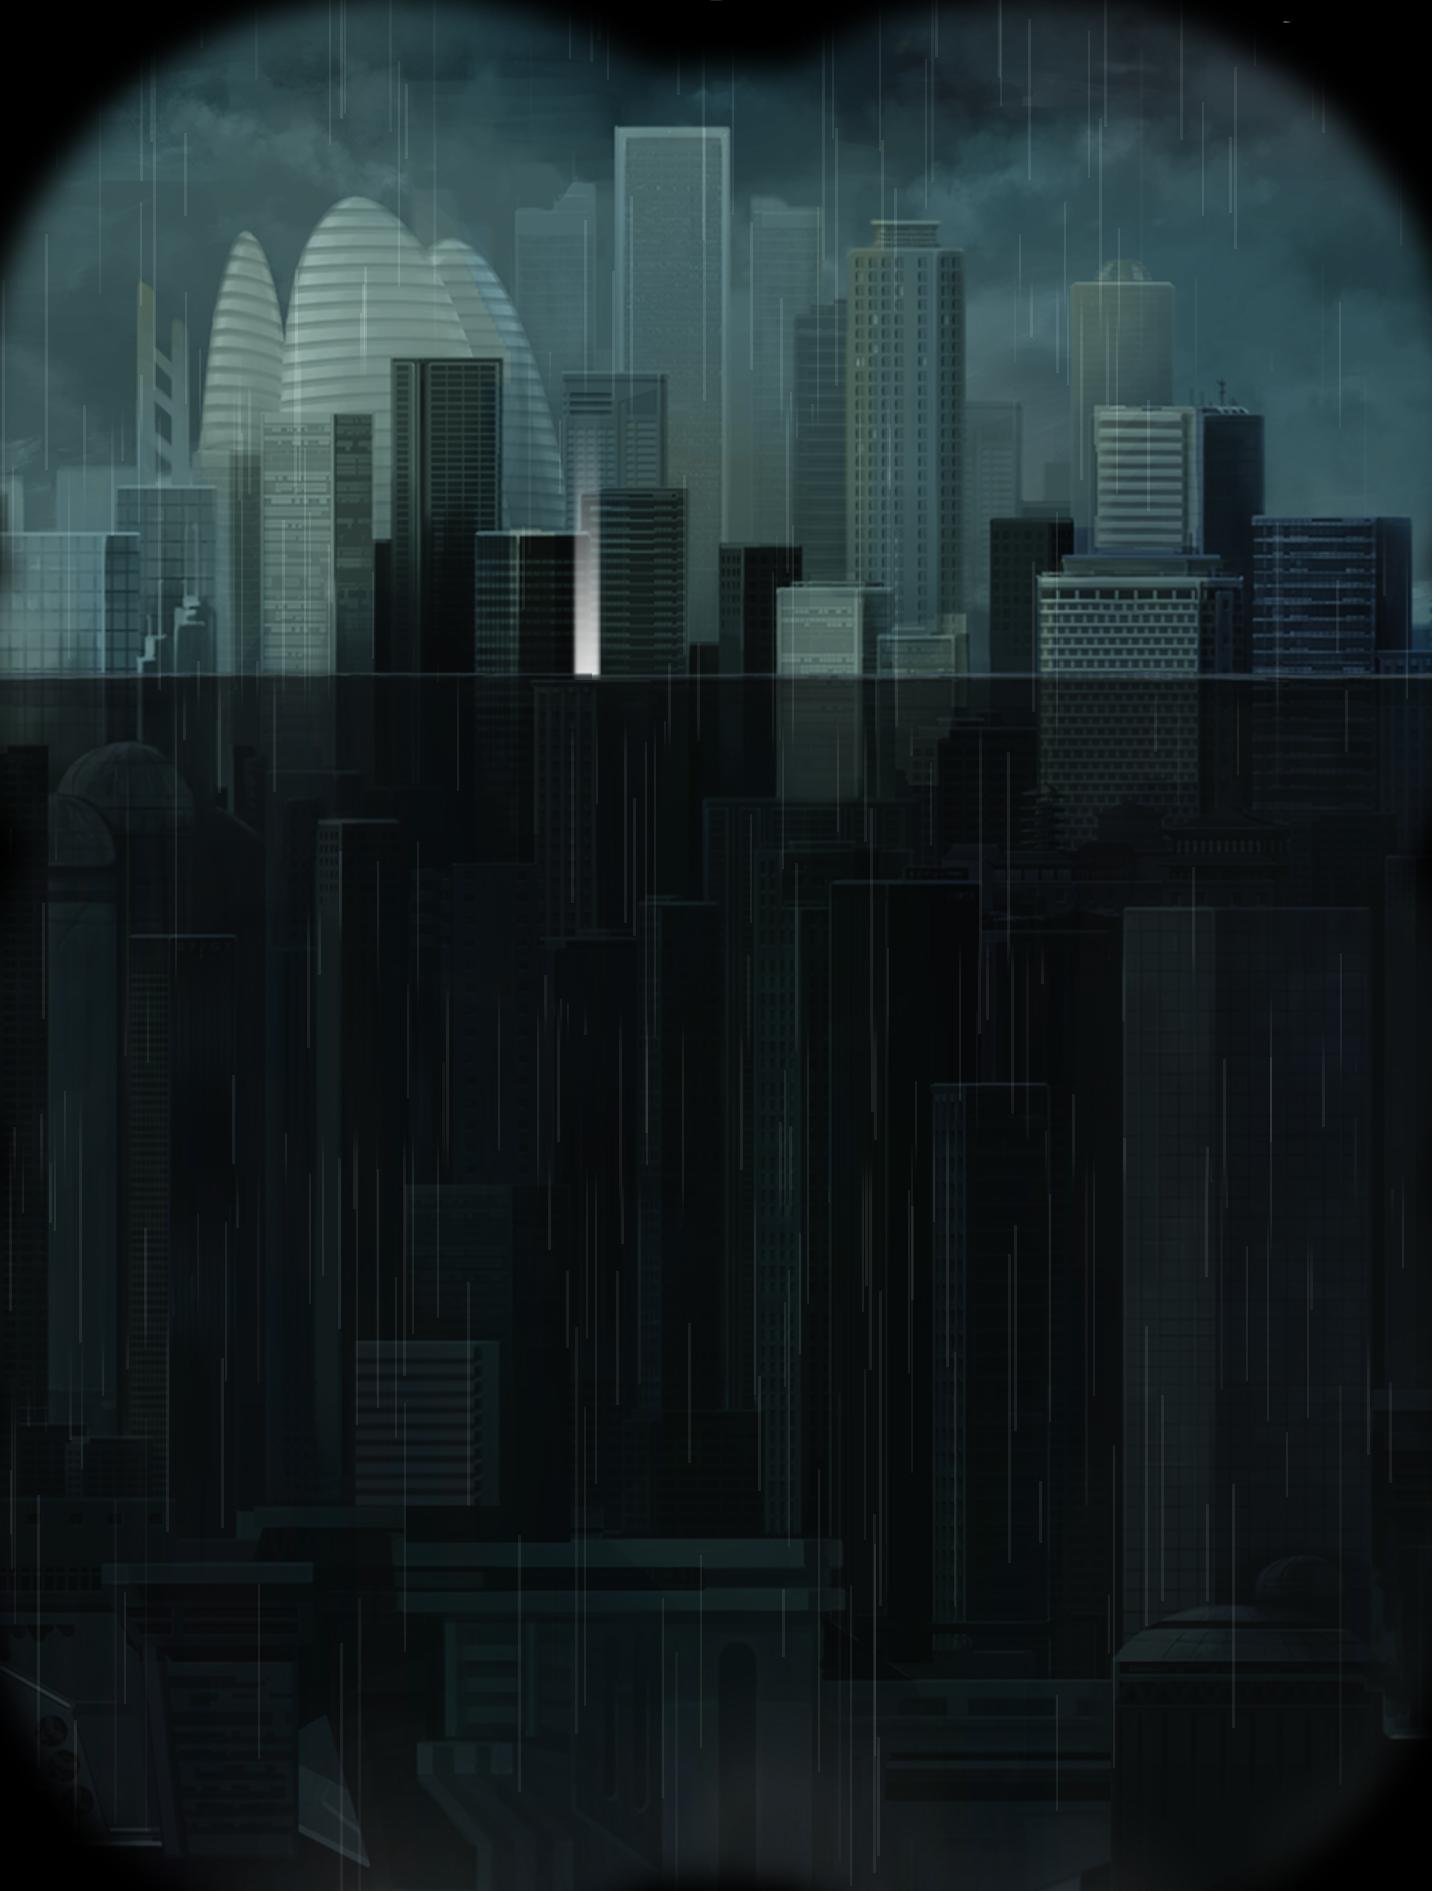 经我处理的《雨纪》场景图,原图截取于游戏中